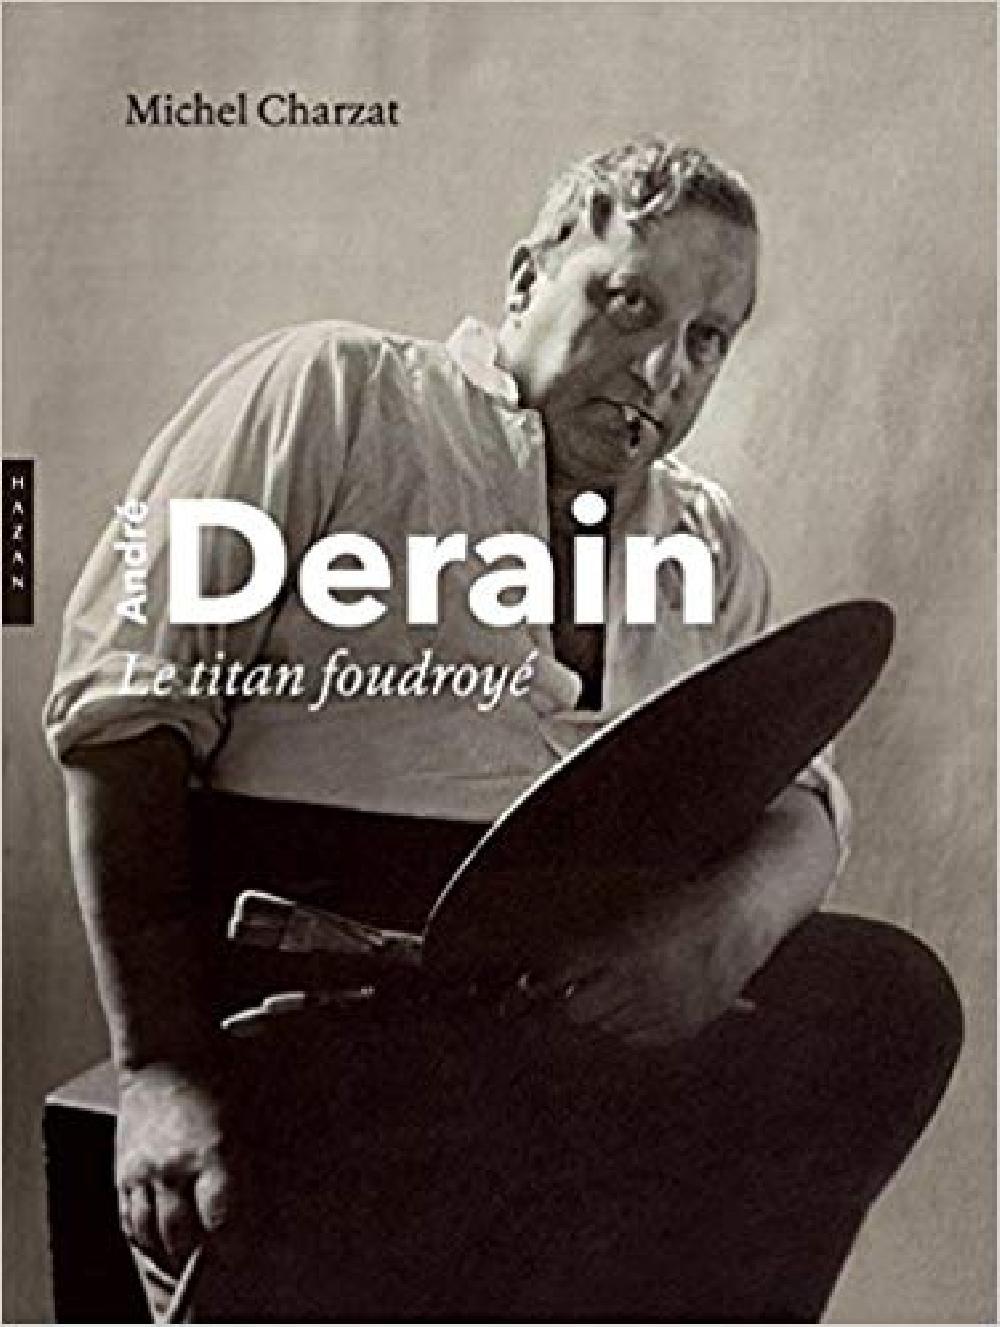 André Derain, le titan foudroyé